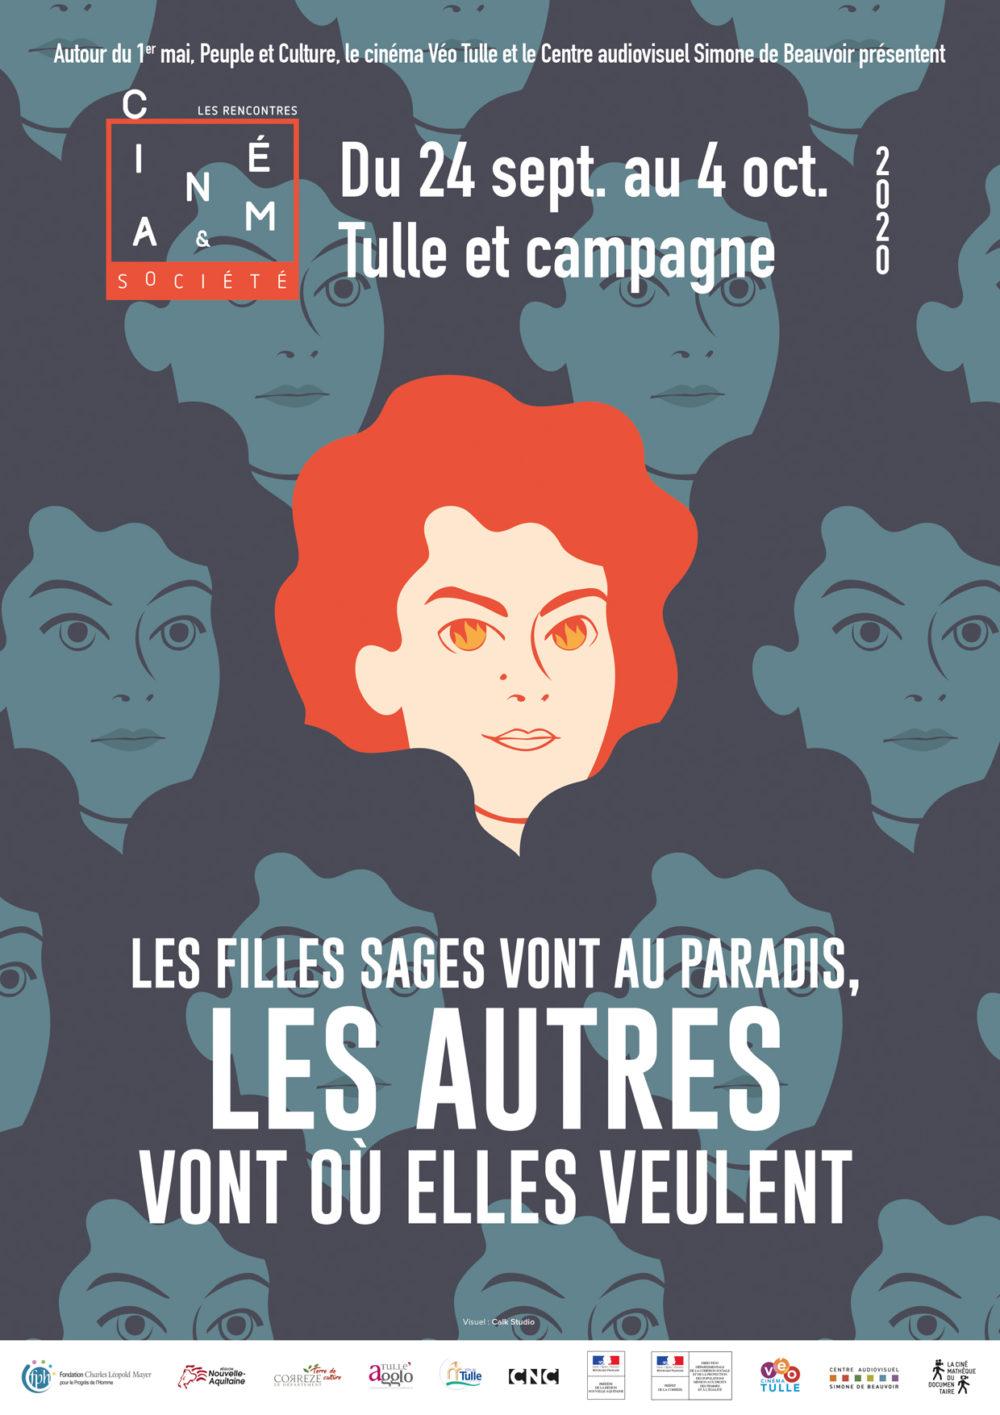 24 sept-4 oct 2020 : Les filles sages vont au paradis, les autres vont où elles veulent  aux Rencontres cinéma et société en Corrèze.